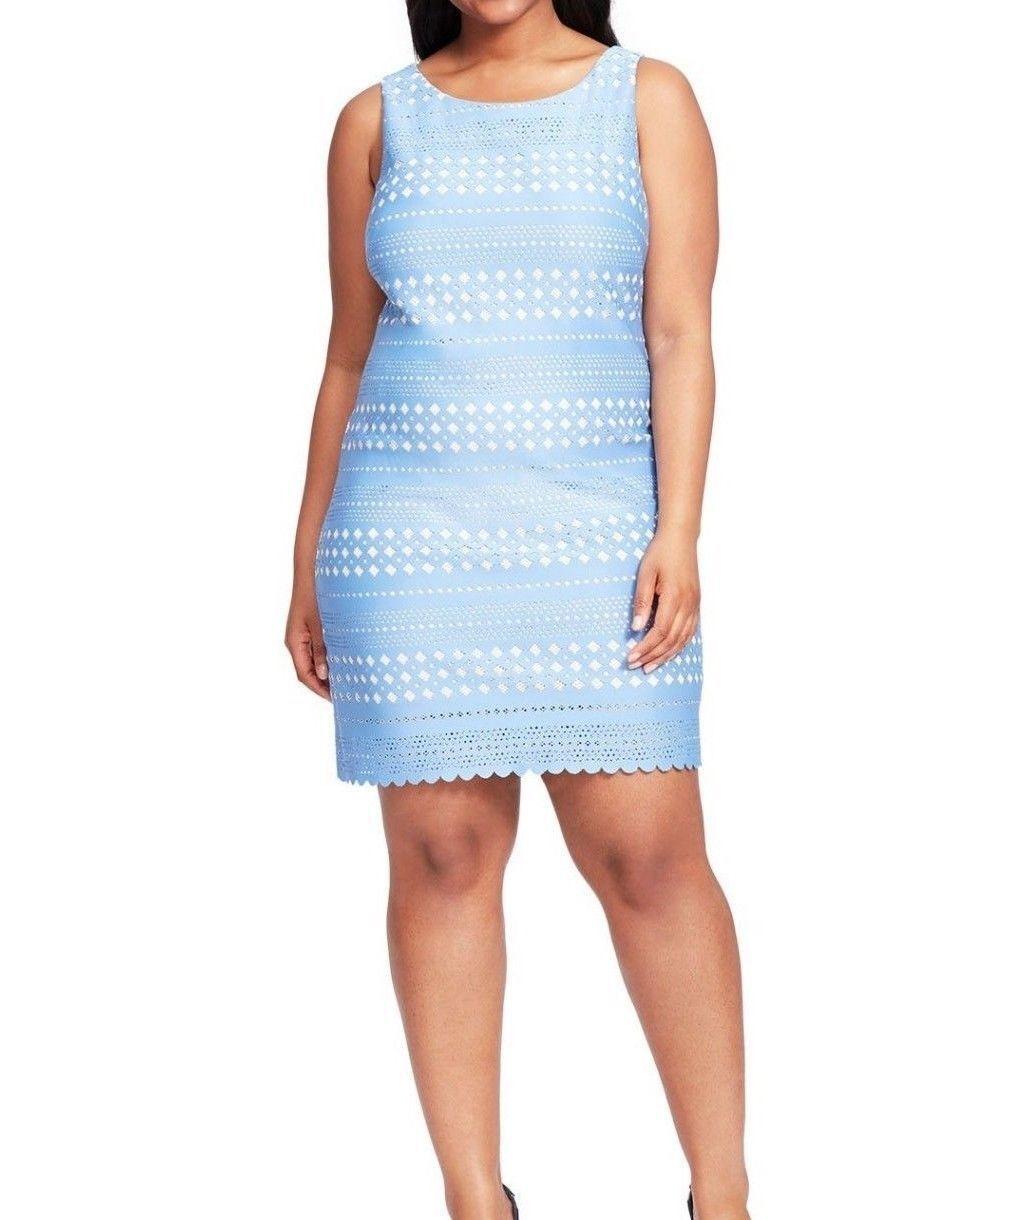 Eliza J Sleeveless Laser Laser Laser Cut Detail Periwinkle bluee Scuba Shift Dress Size 18 4cb350